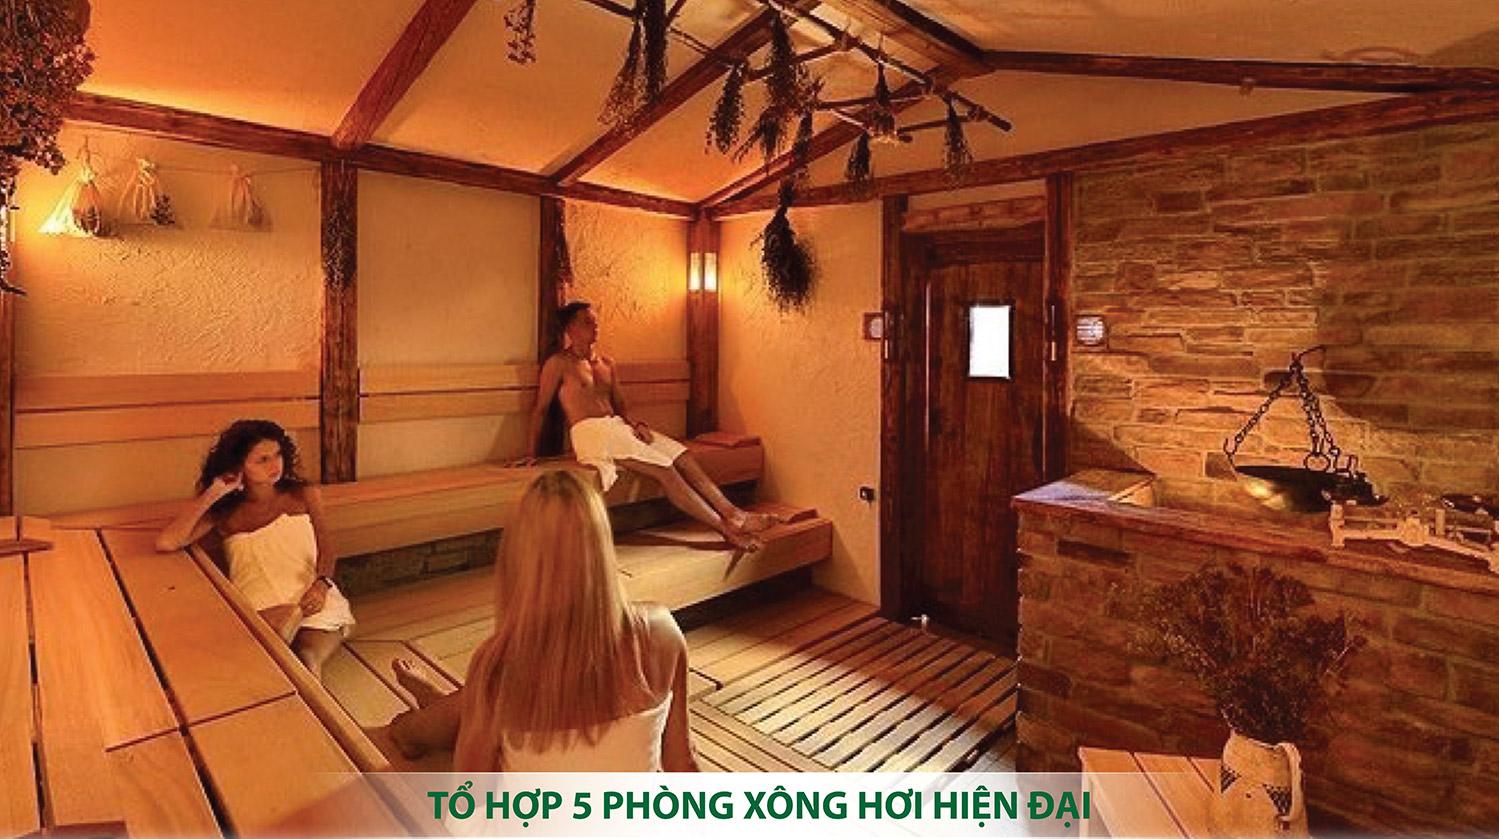 to-hop-phong-xong-hoi-swan-lake-onsen